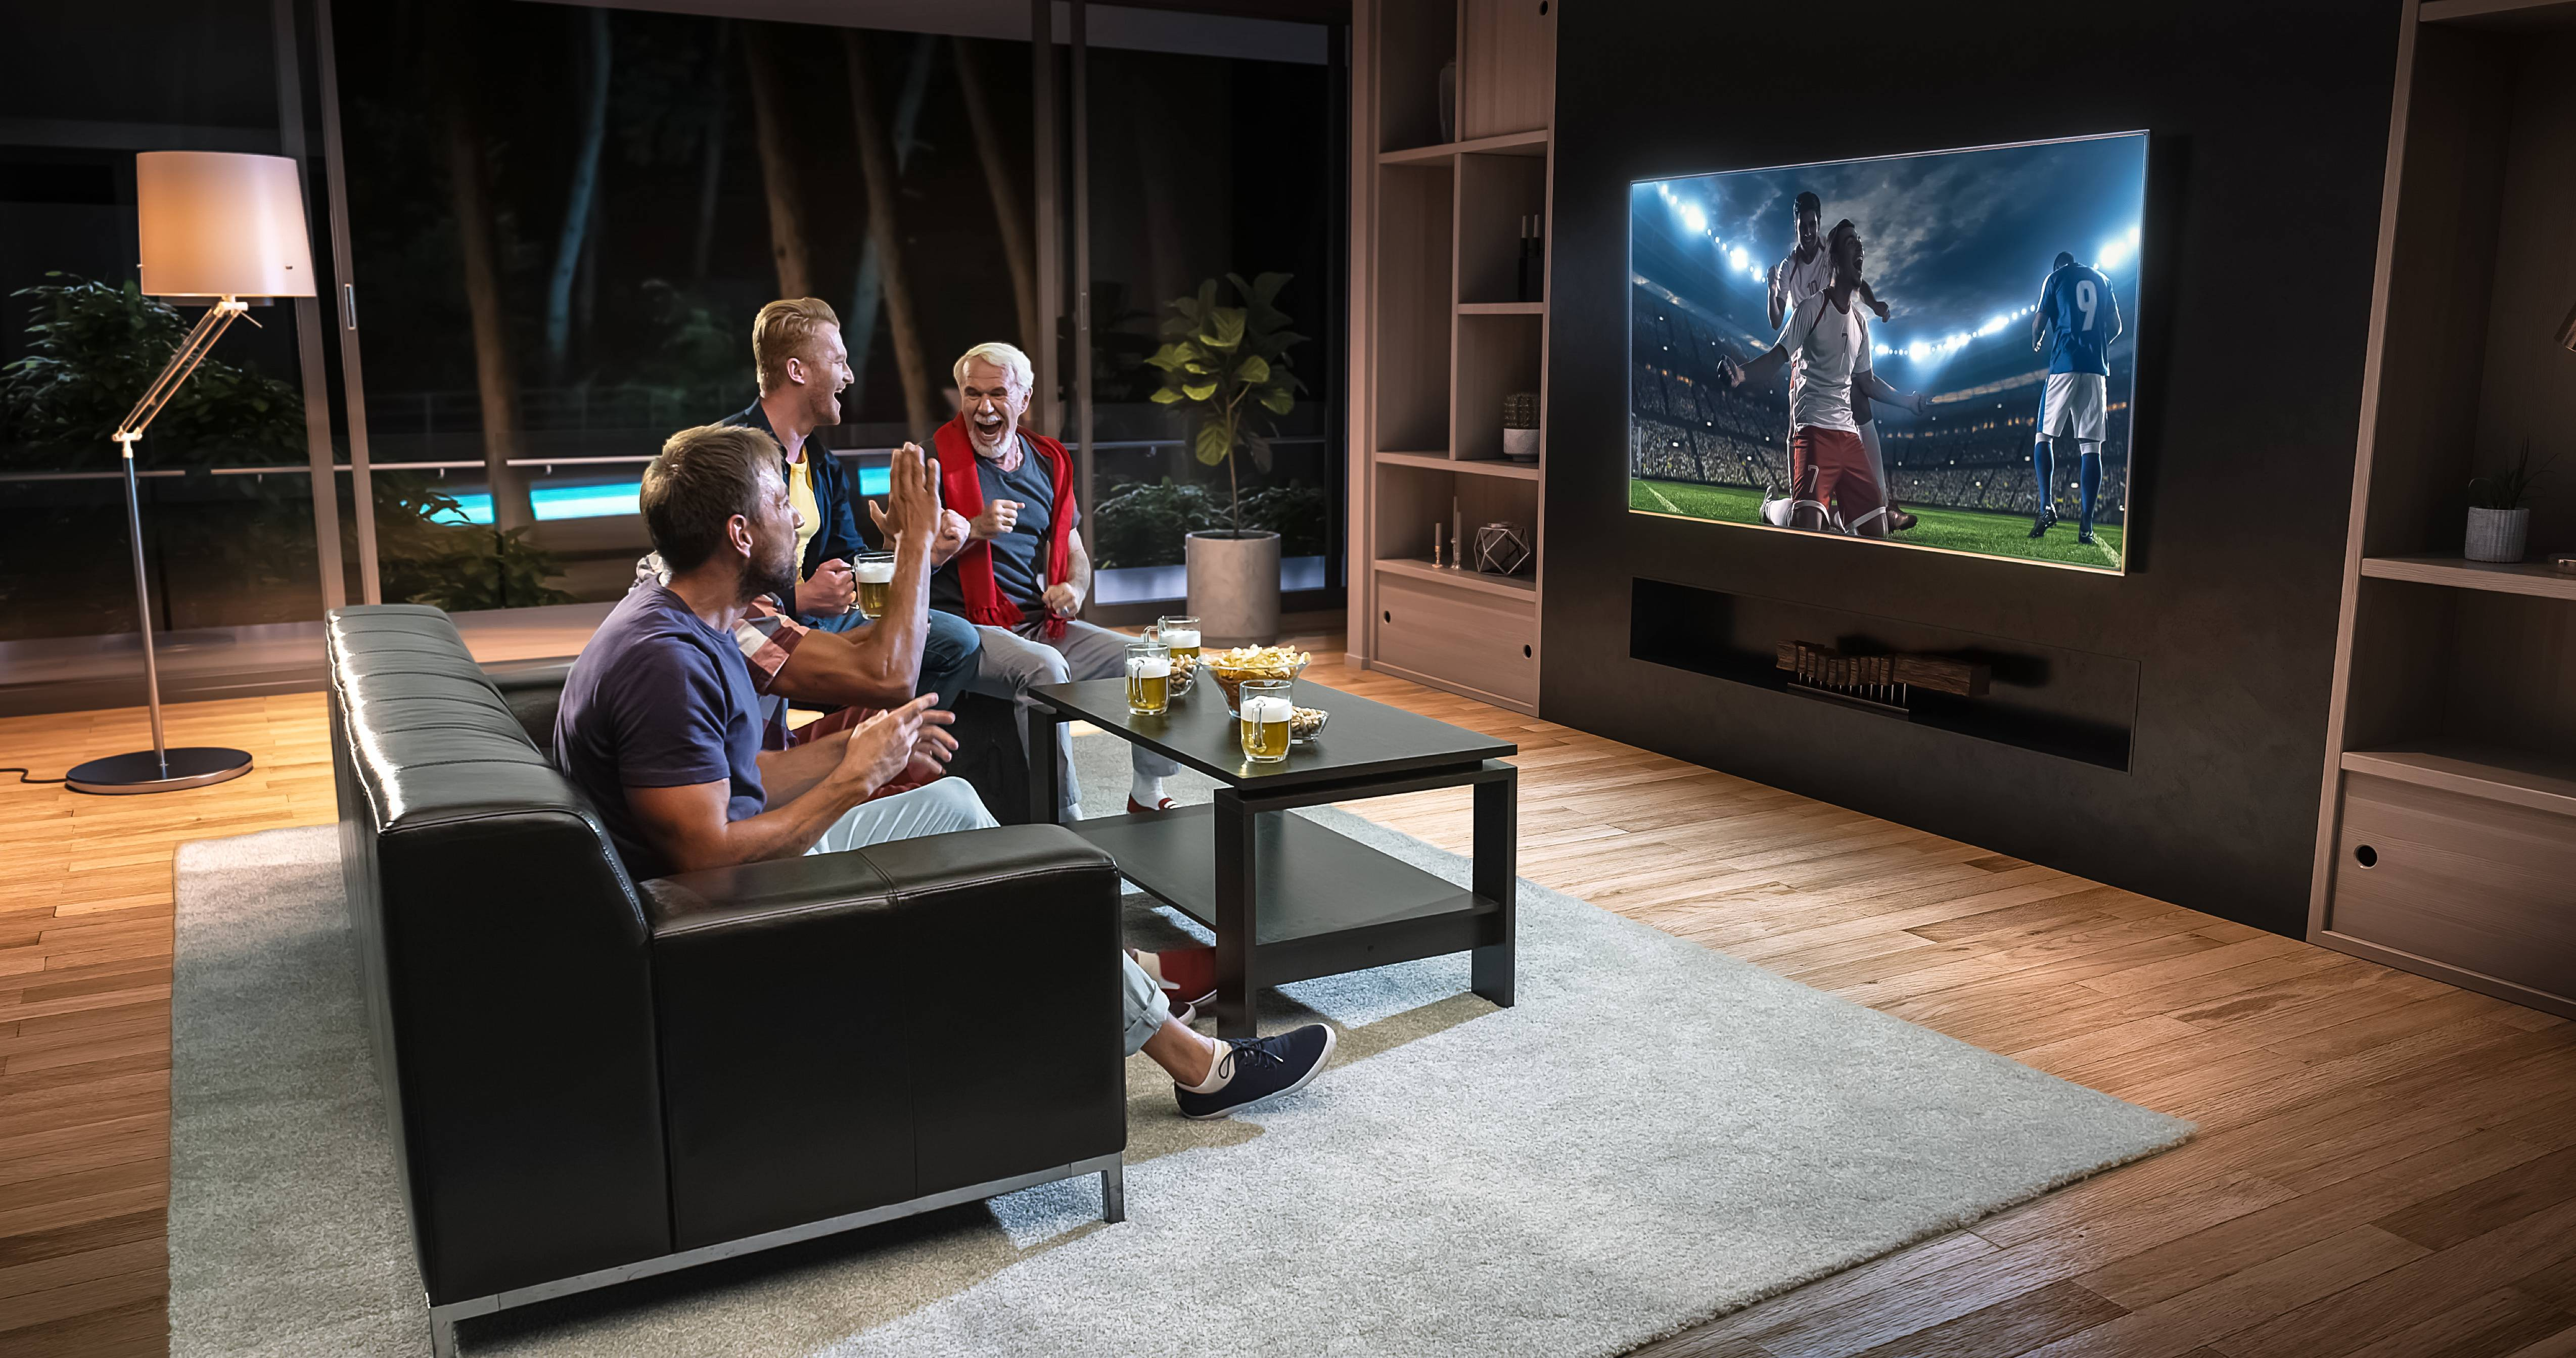 Jederzeit Top-Spiele über Streaminganbieter schauen